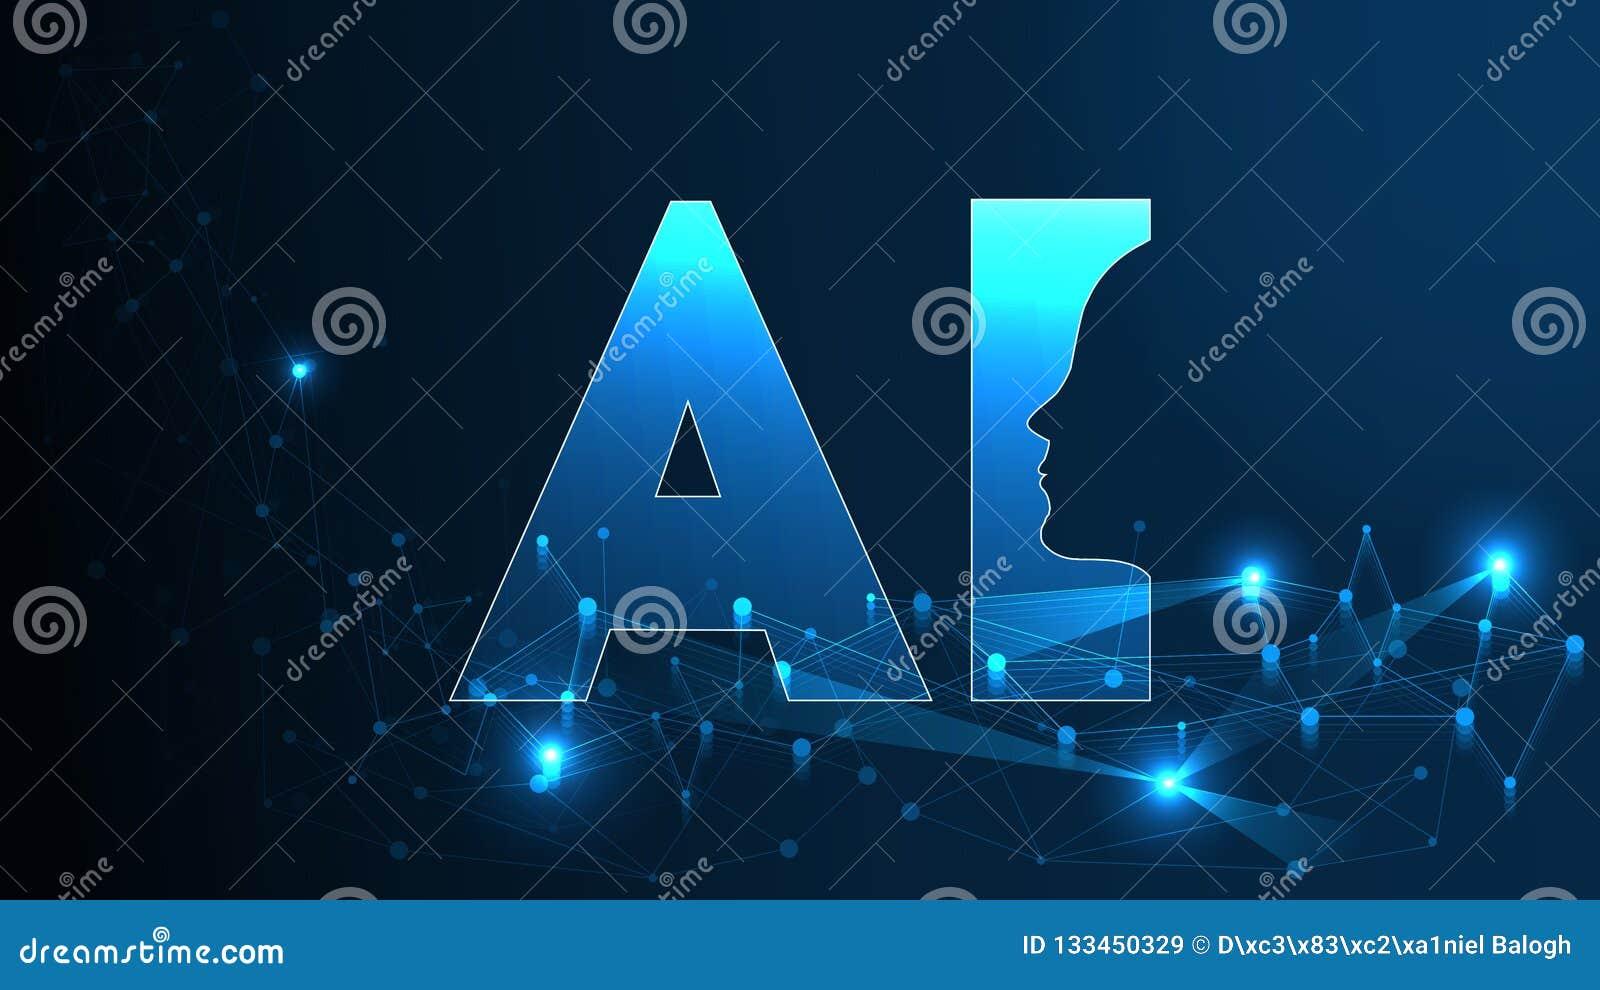 Futuristisches Konzept künstliche Intelligenz AI Menschliche große Daten Sichtbarmachung mit Cyber-Verstand Maschinen-tiefes Lern